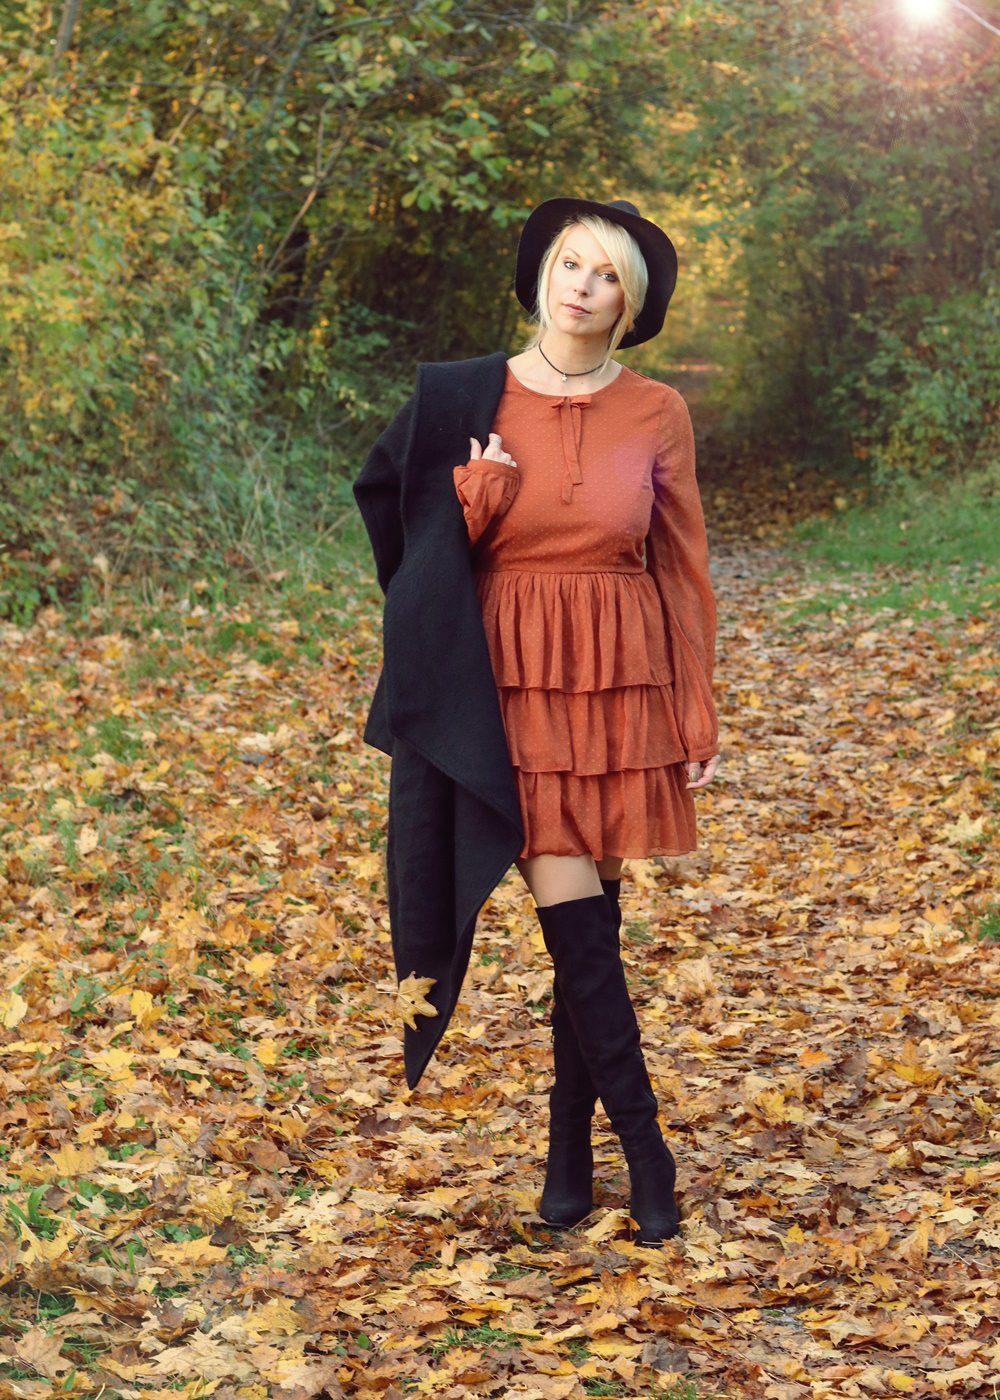 modeblogger-karlsruhe-outfit-herbst-kleid-vero-moda-rostrot-schwarzer-mantel-overknees-8-von-27